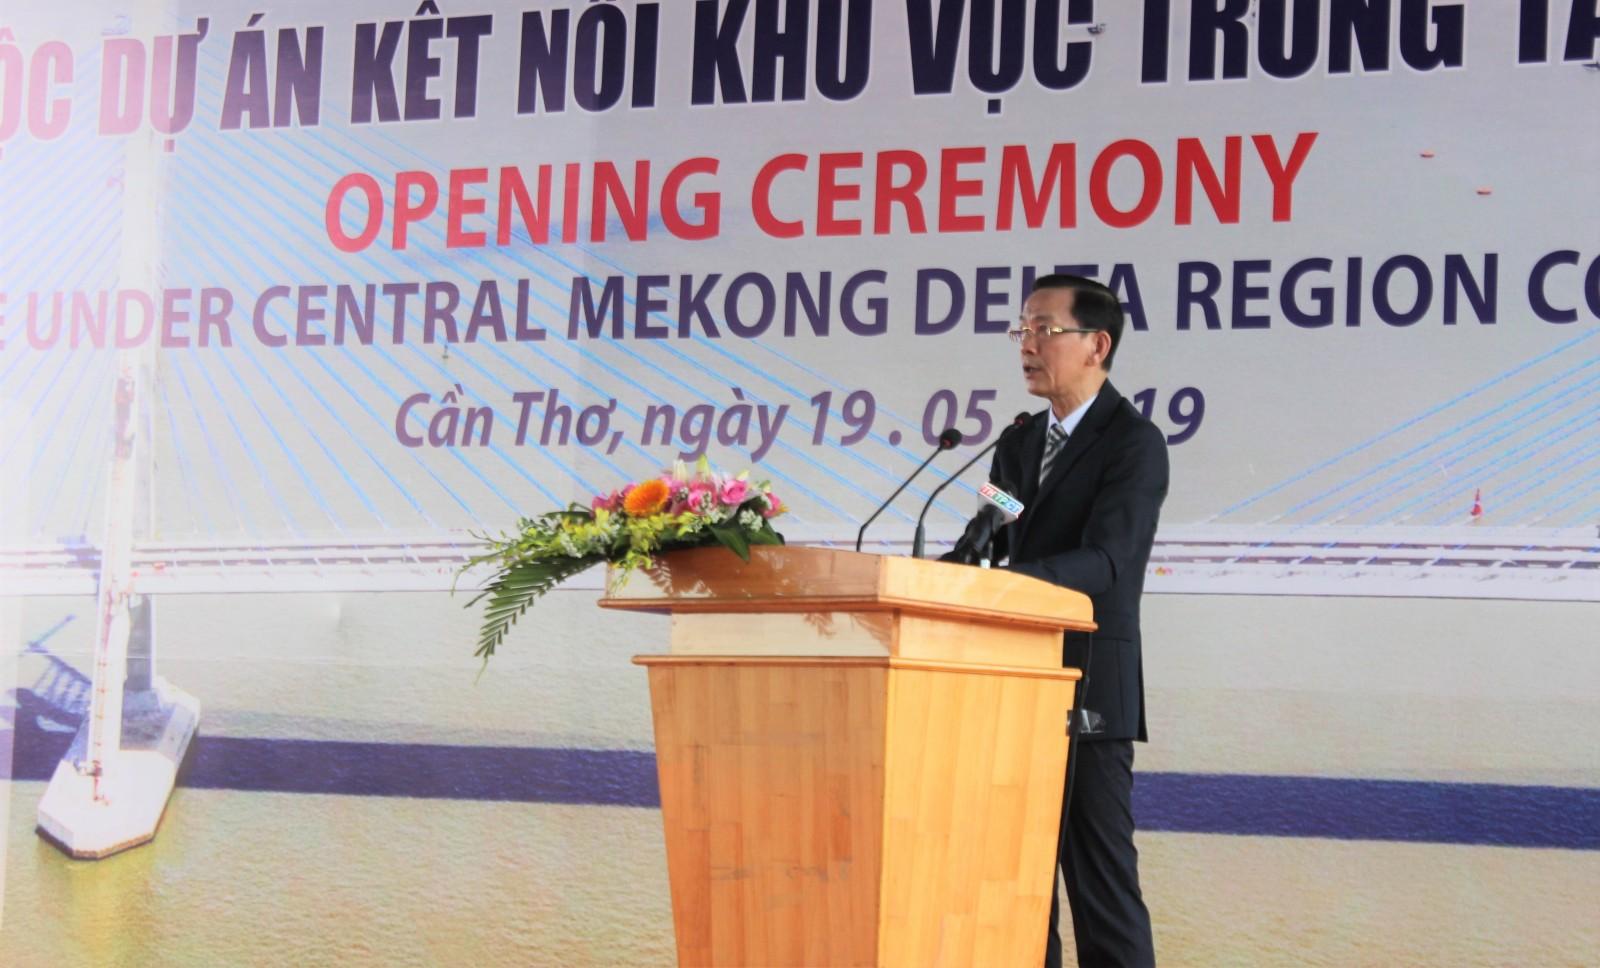 Chủ tịch UBND TP Cần Thơ Võ Thành Thống phát biểu tại lễ khánh thành. Ảnh: T.H